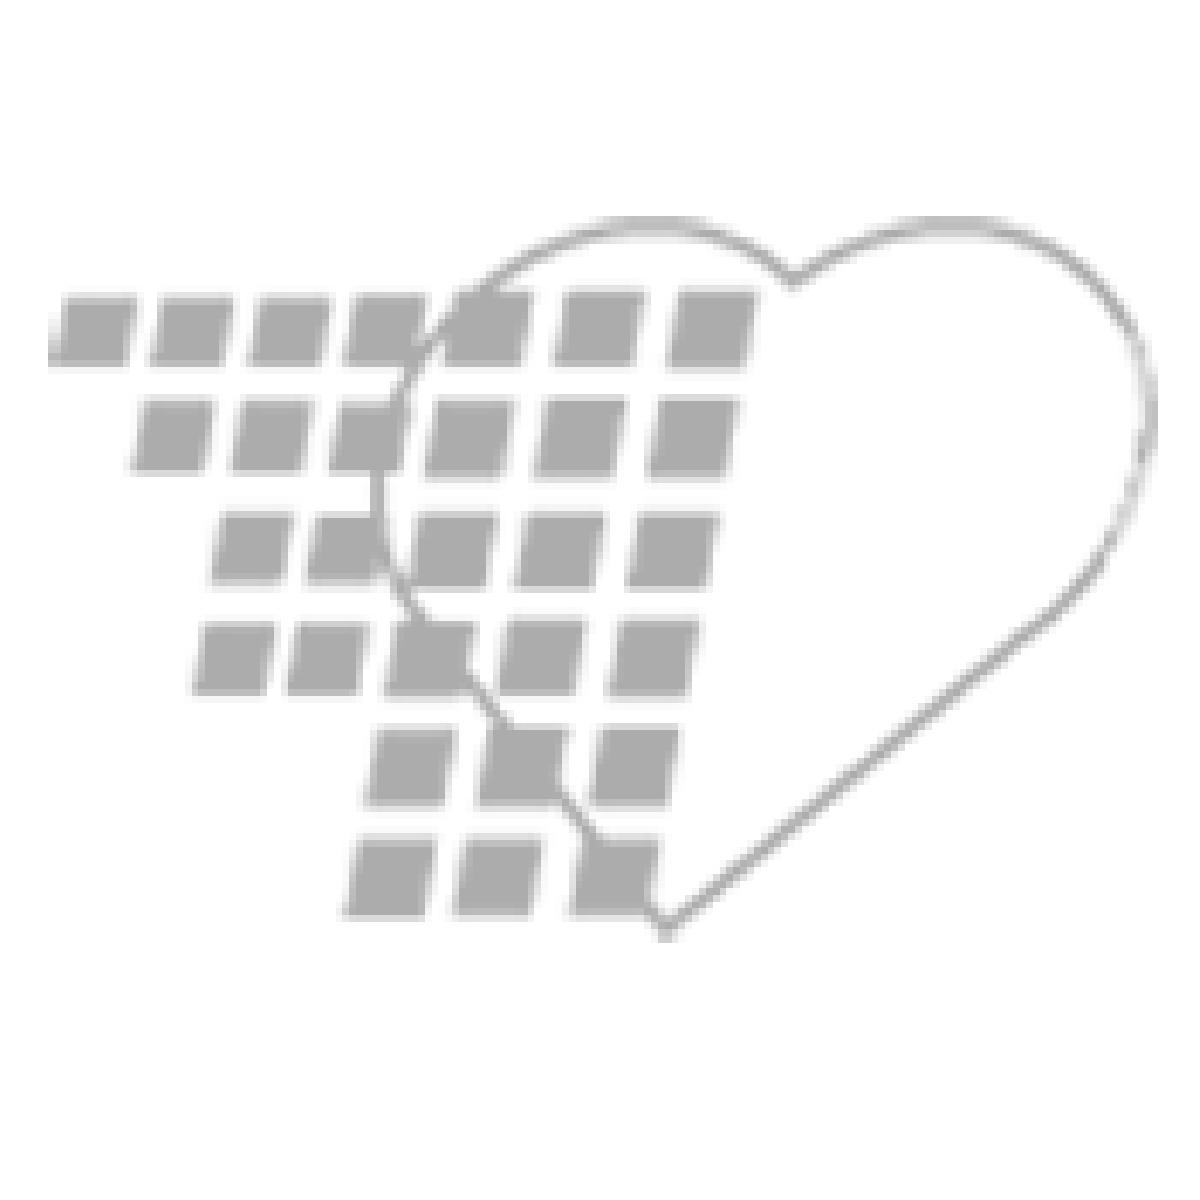 """06-26-3057 - PROTECTIV® Safety I.V. Catheters - 20G x 1"""""""